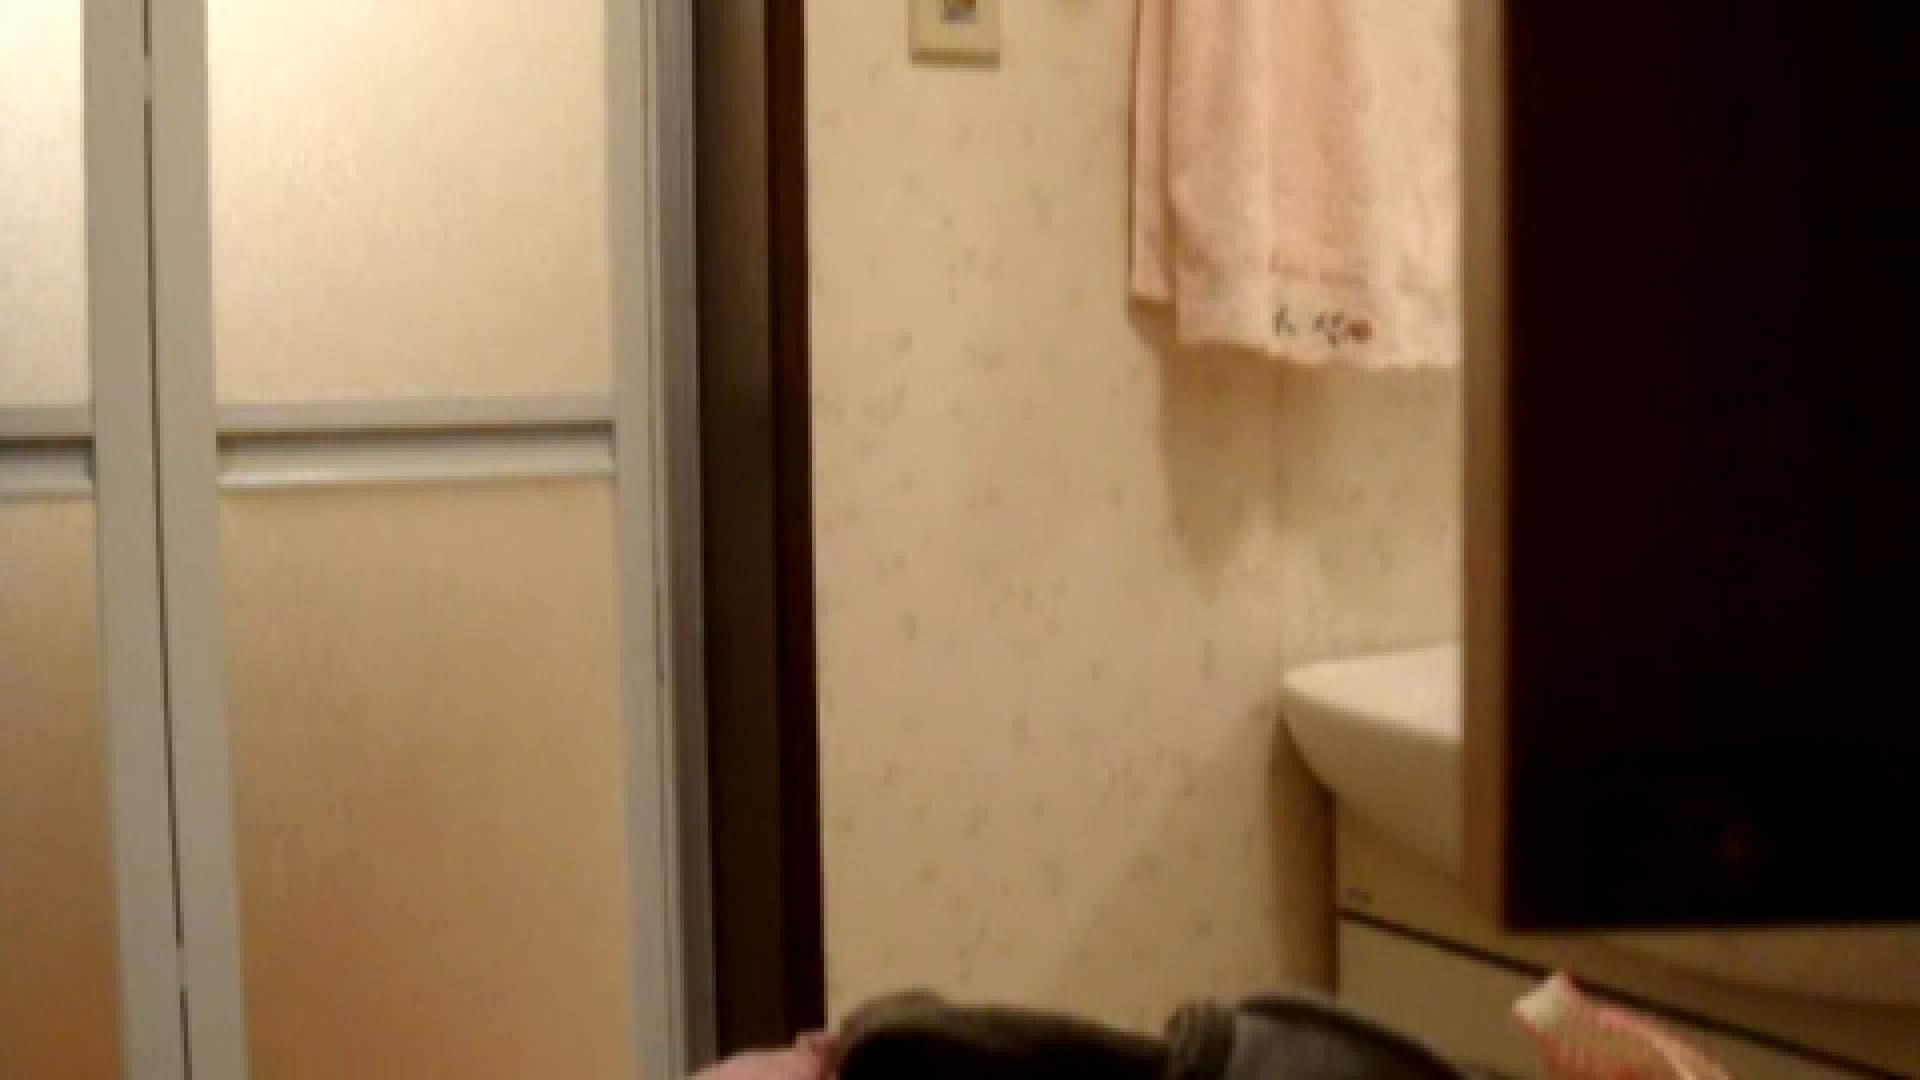 二人とも育てた甲斐がありました… vol.08 まどかの入浴中にカメラに気付いたか!? OLのエロ生活  71連発 64